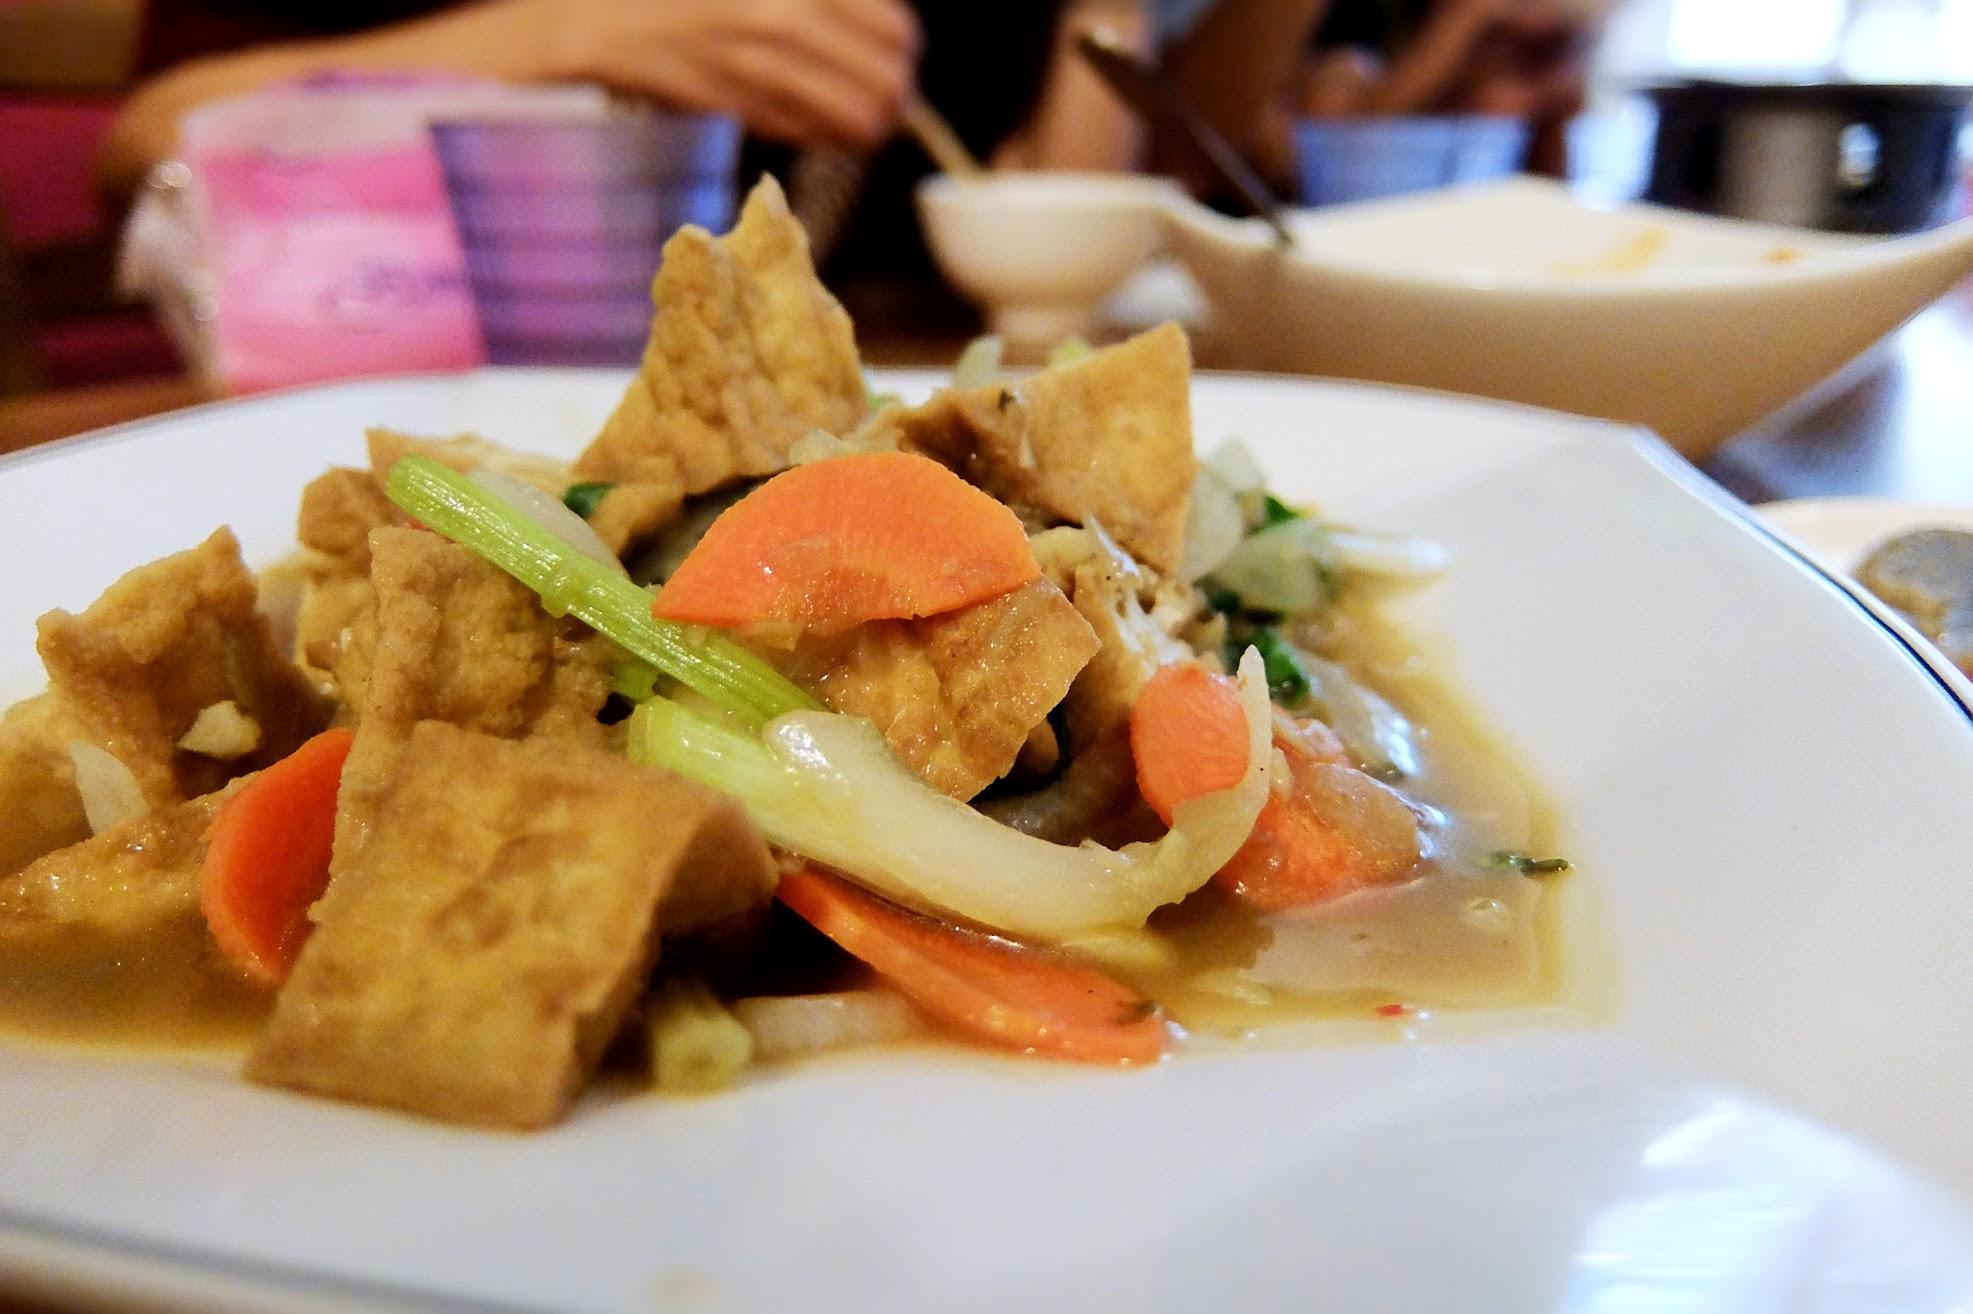 椰汁嫩豆腐,感覺比較普通些